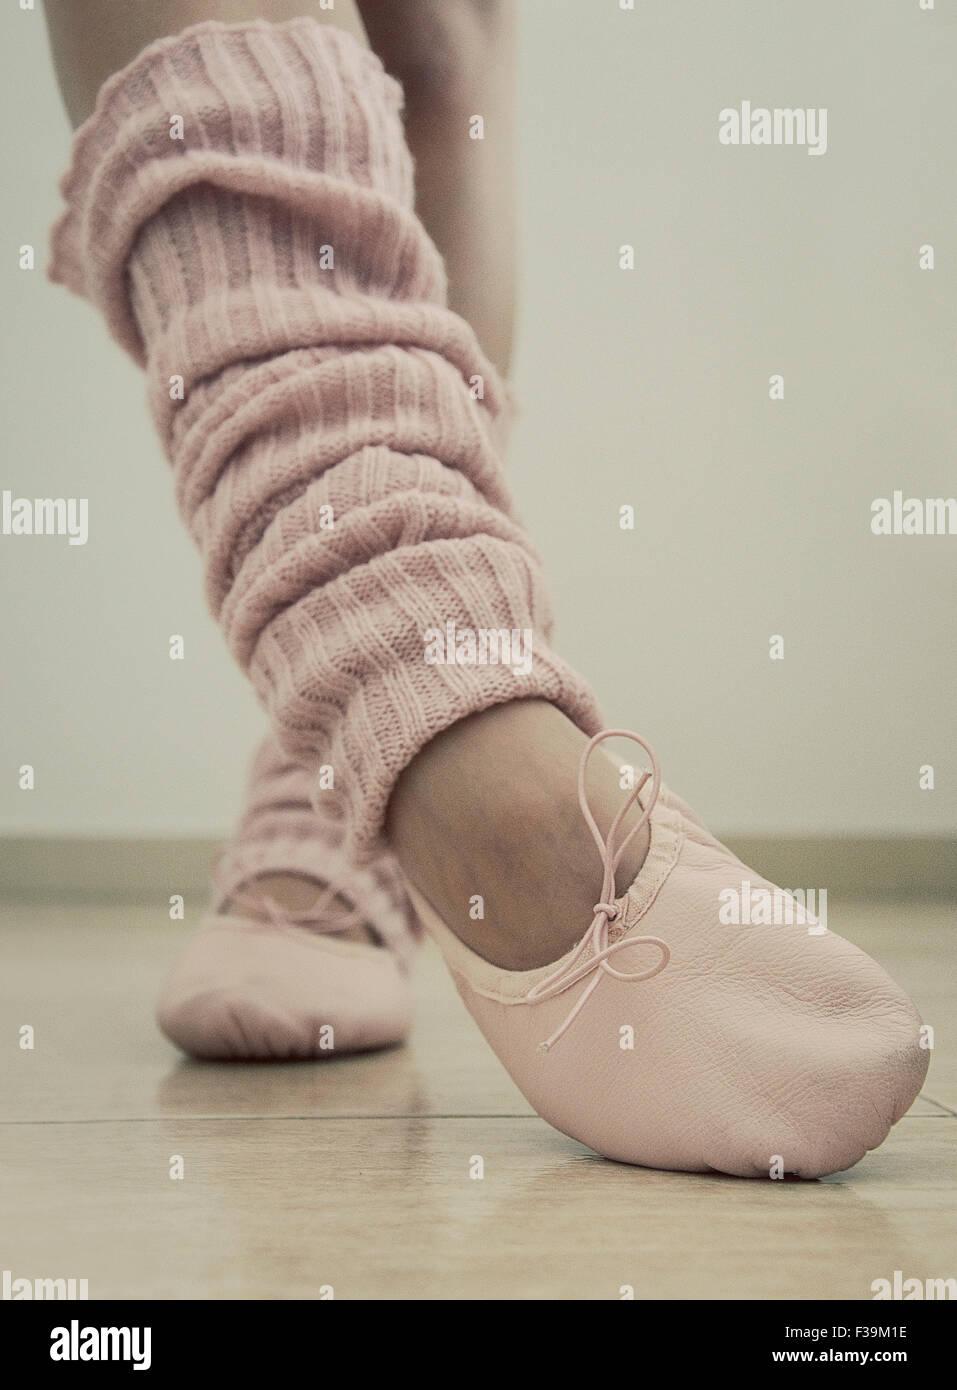 Close-up di una ragazza adolescente per le gambe, scarpe da ballo e gamba scaldabiberon Immagini Stock